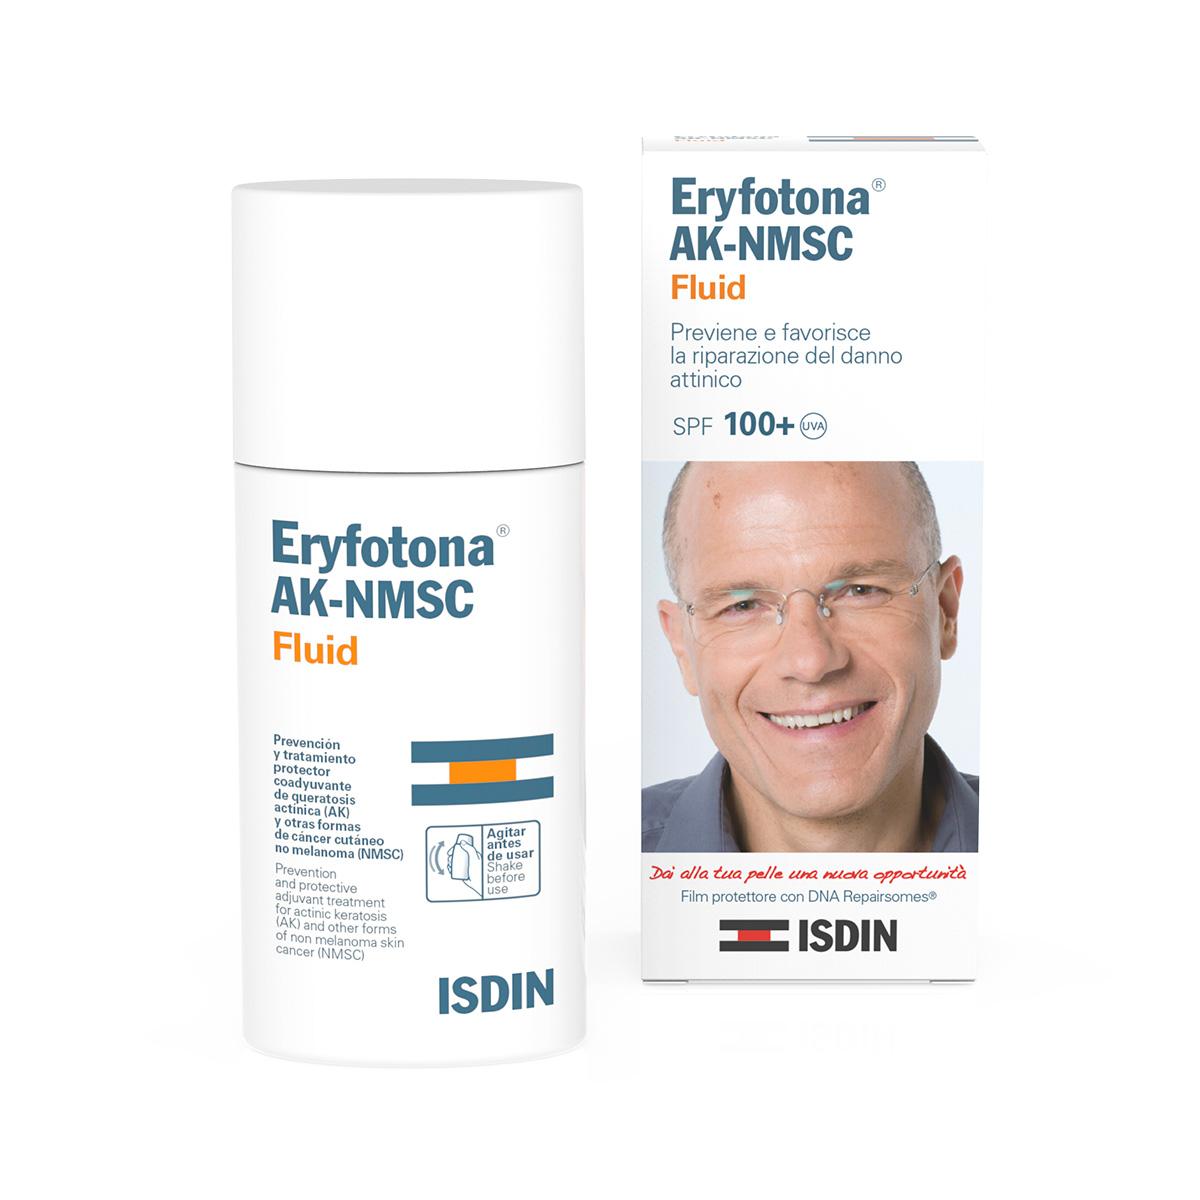 Eryfotona